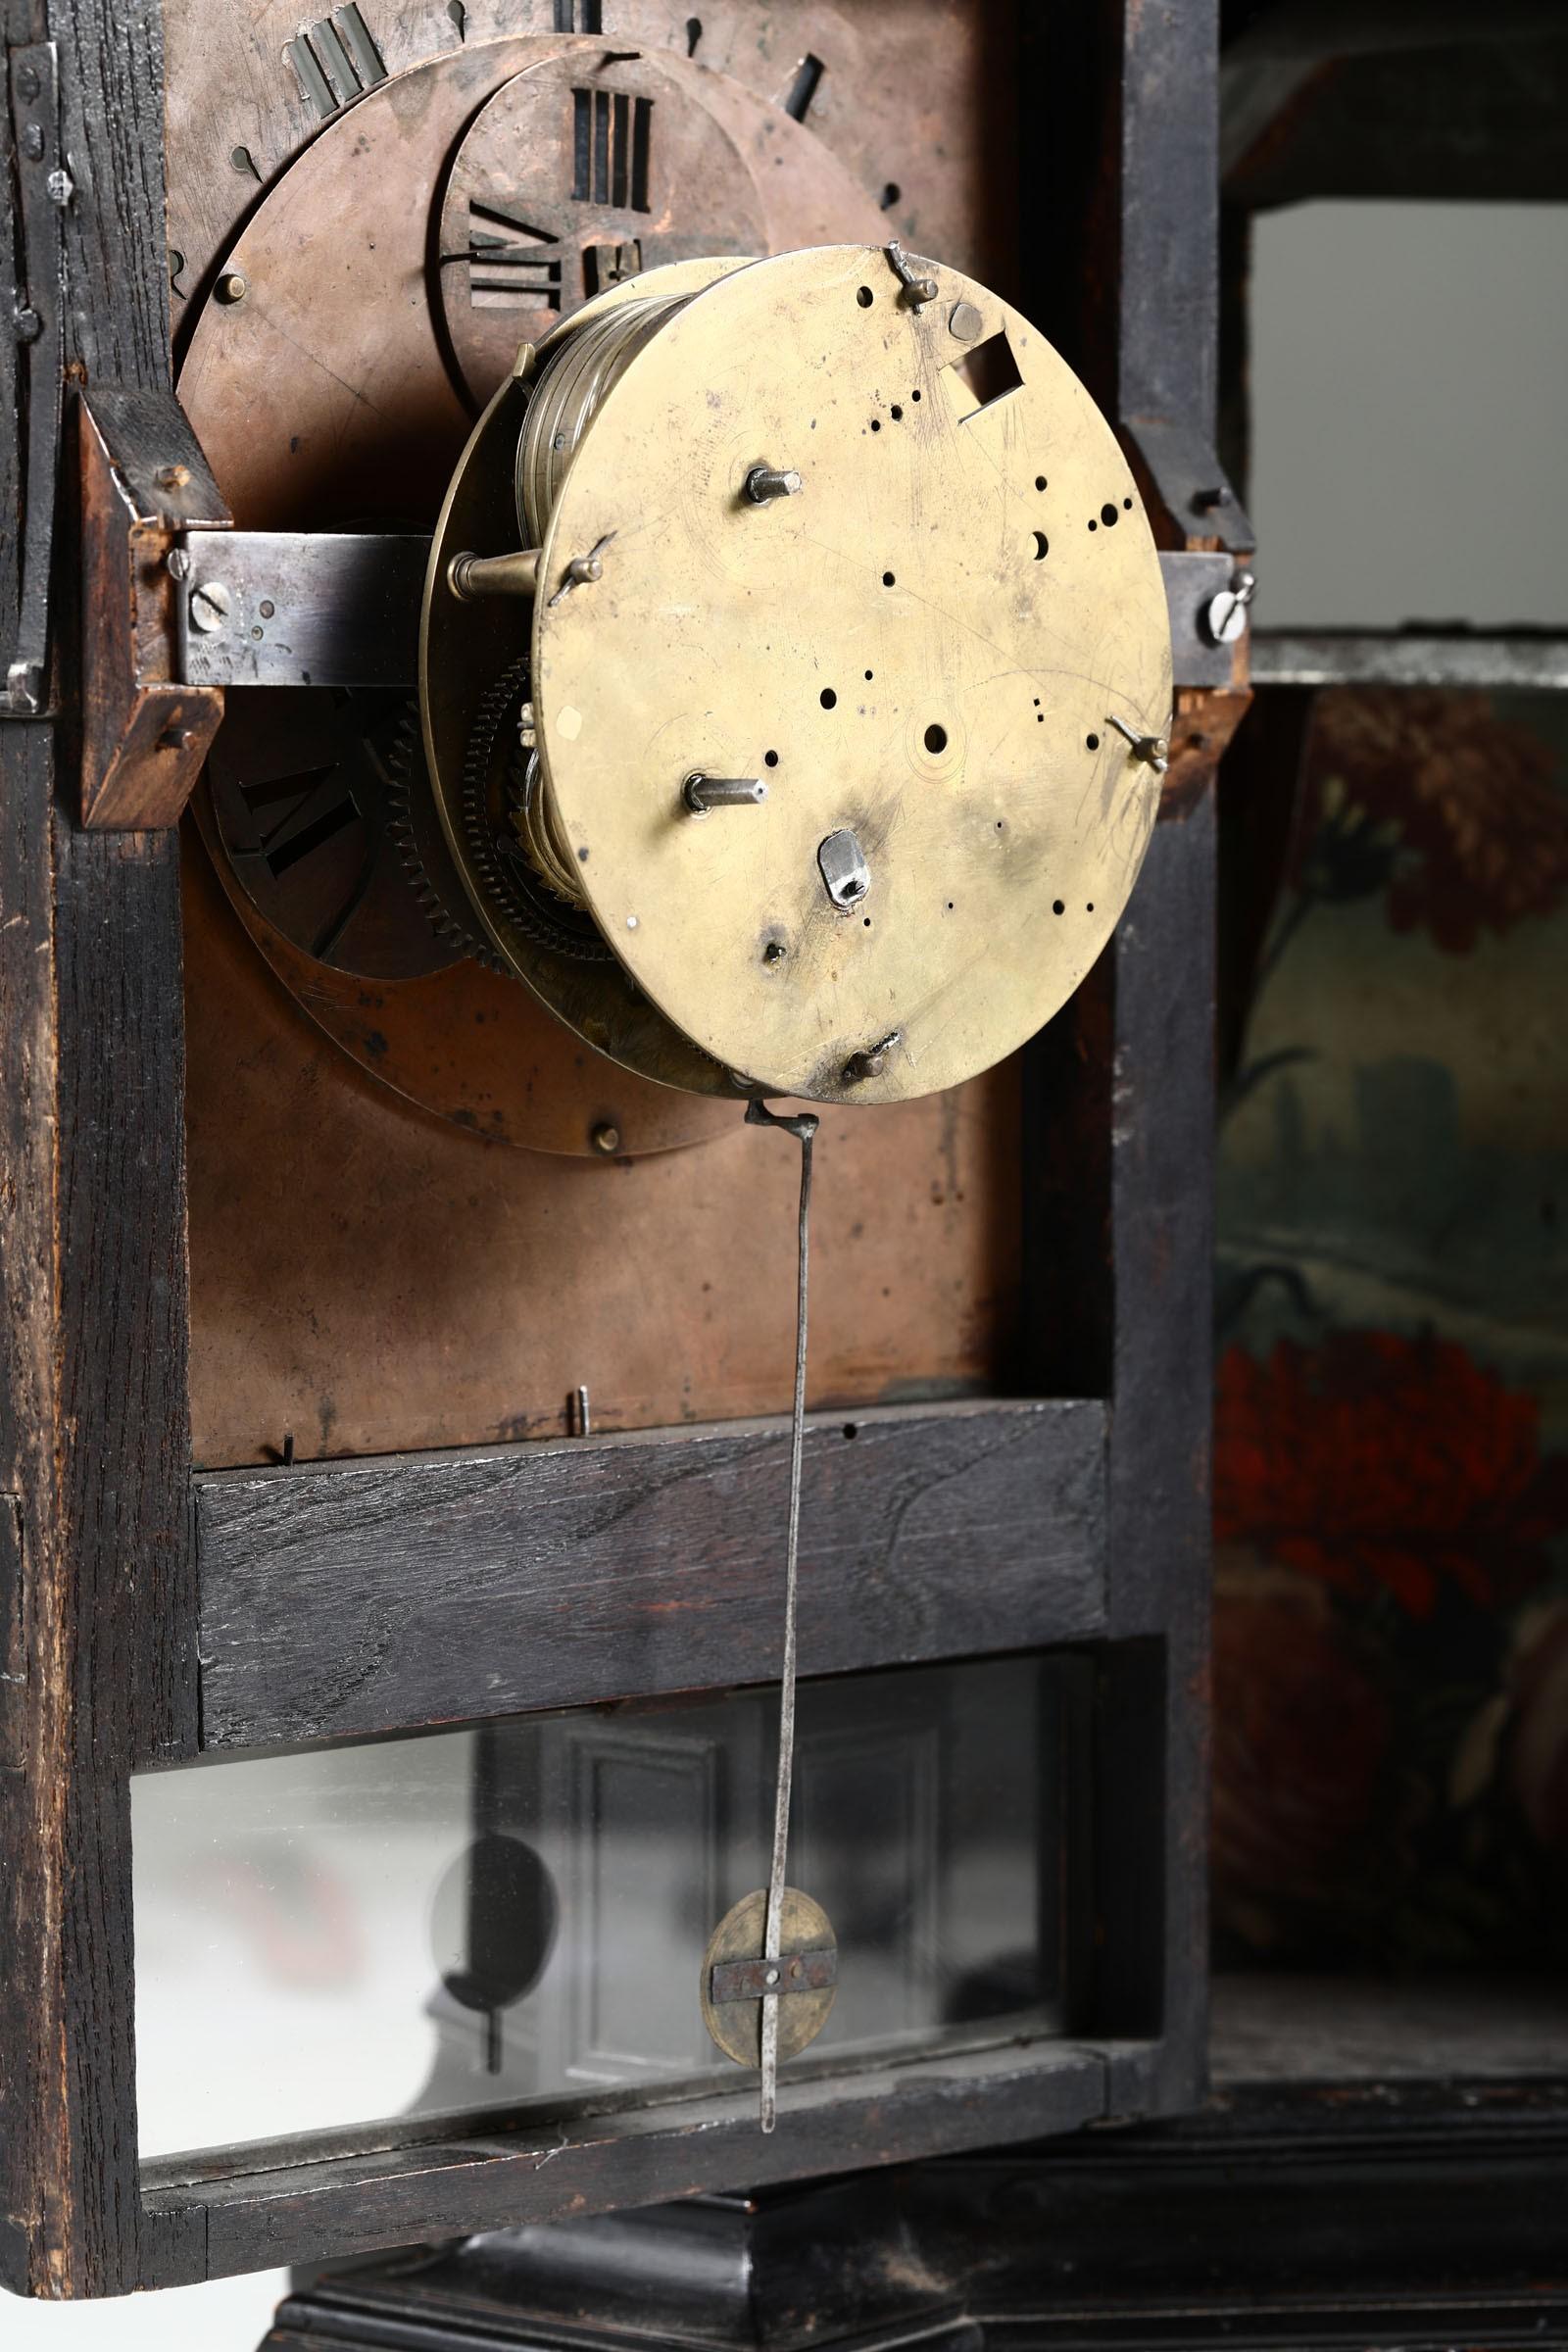 Lot 123 - Orologio notturno in ebano, Italia XVII secolo, - Cassa in ebano con cimasa a [...]